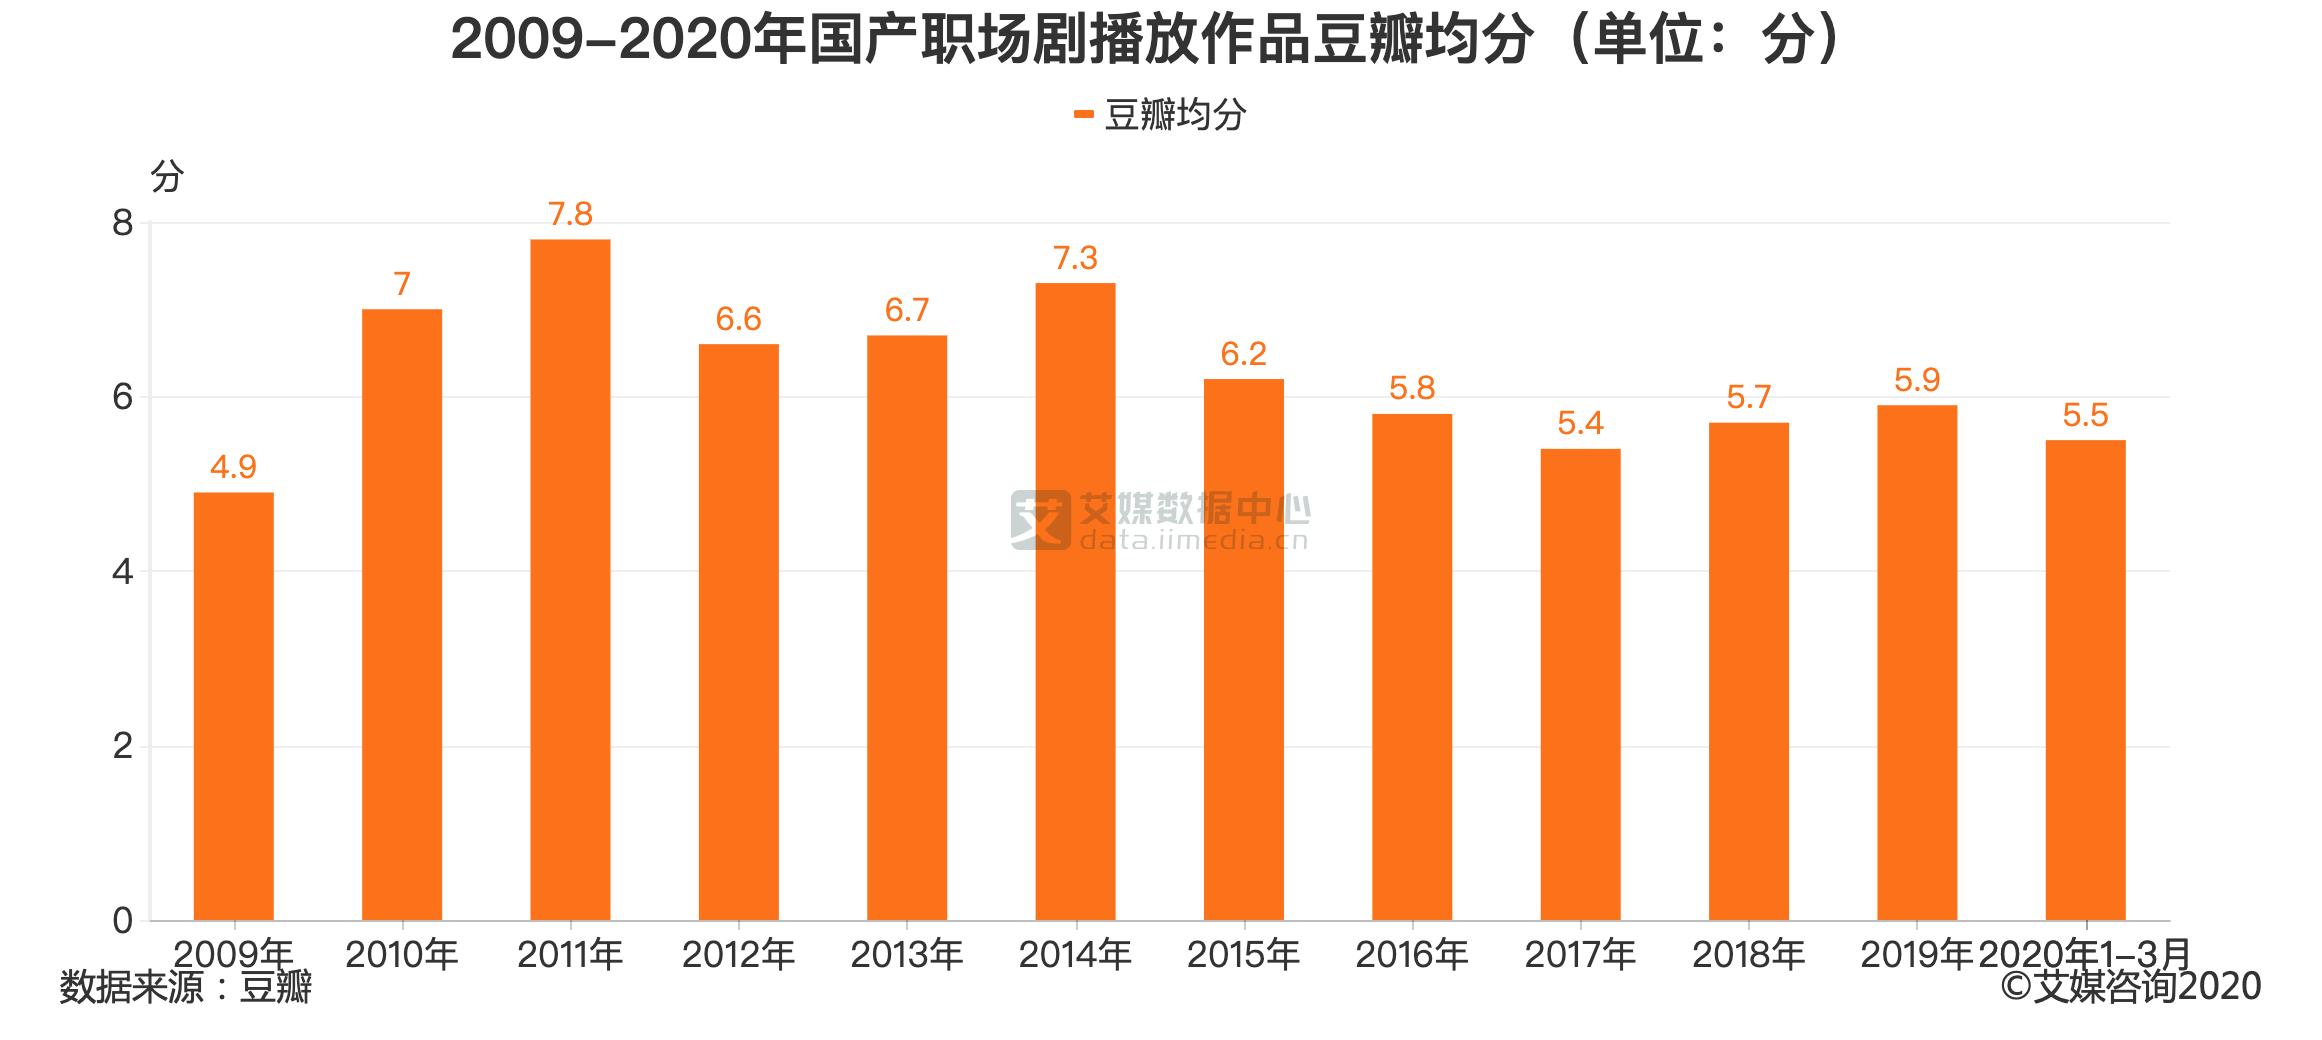 2009-2020年国产职场剧播放作品豆瓣均分(单位:分)